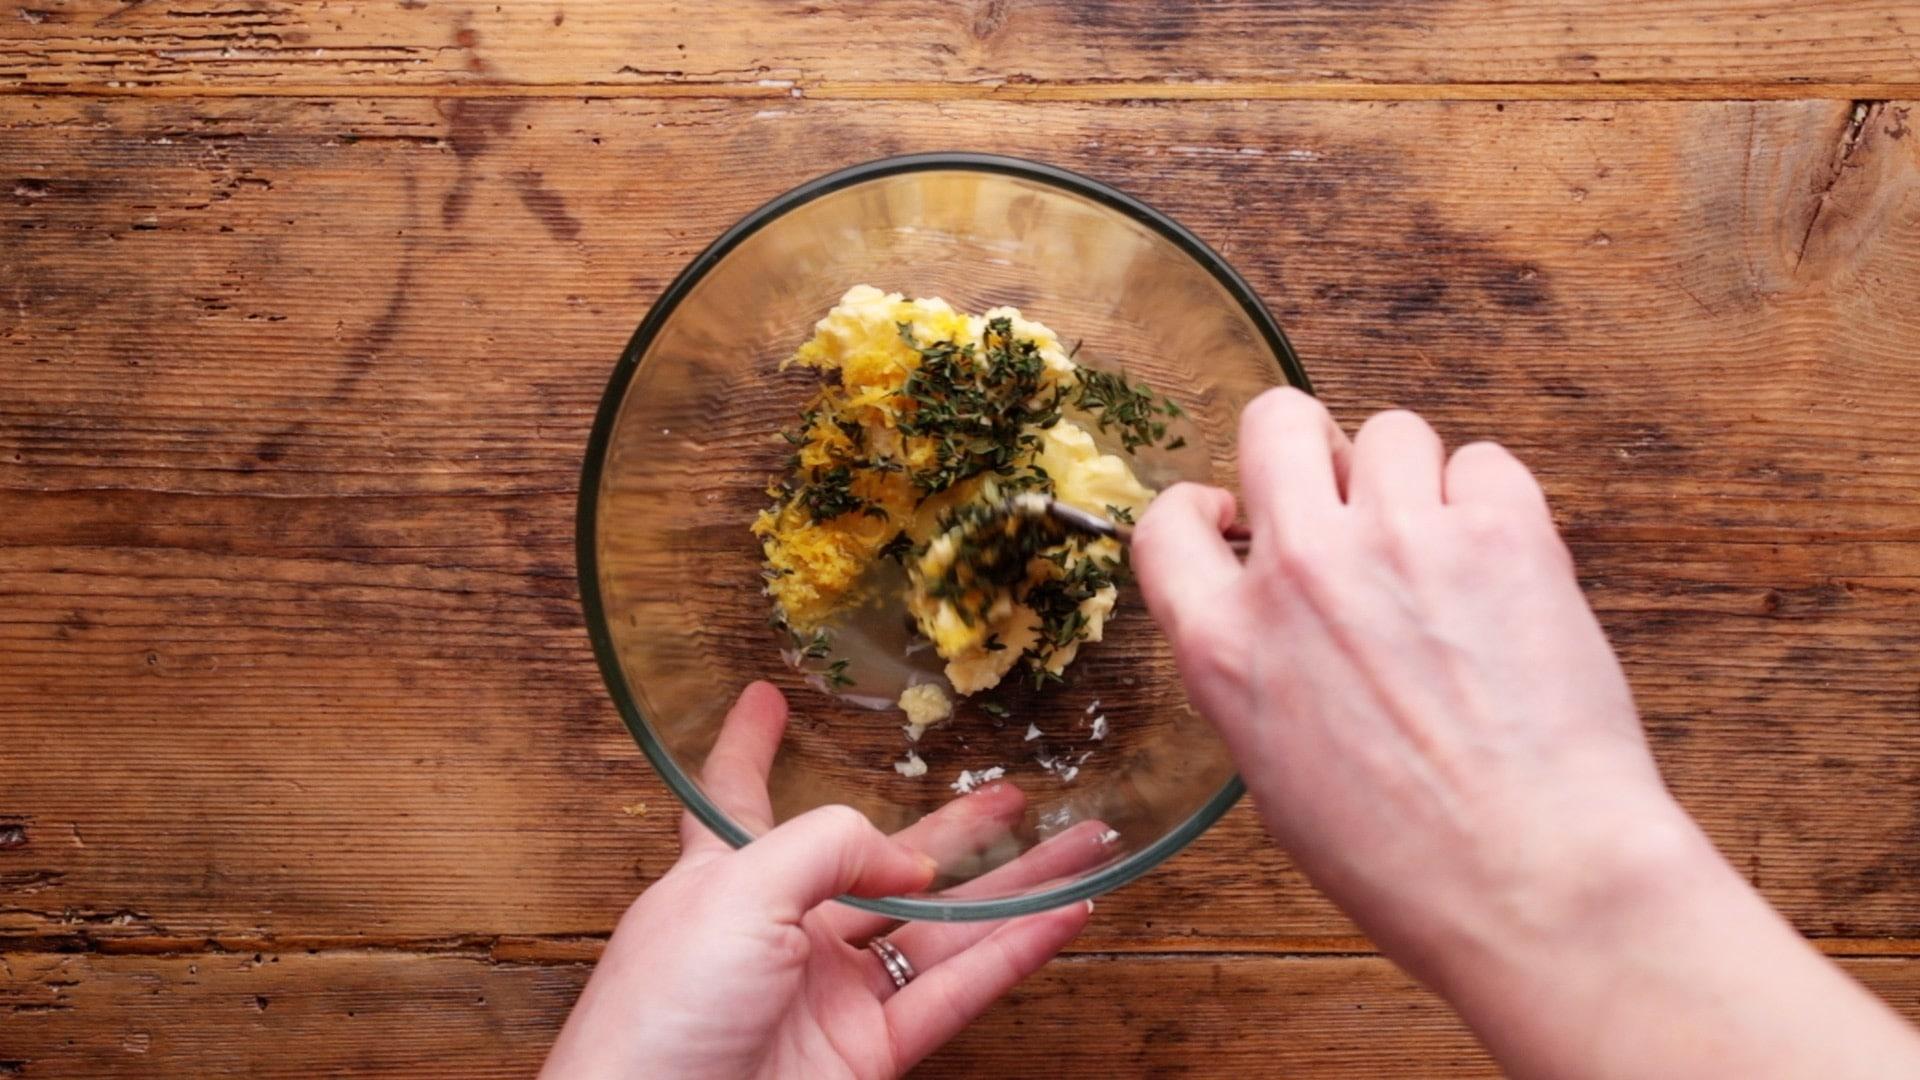 making lemon garlic and herb butter